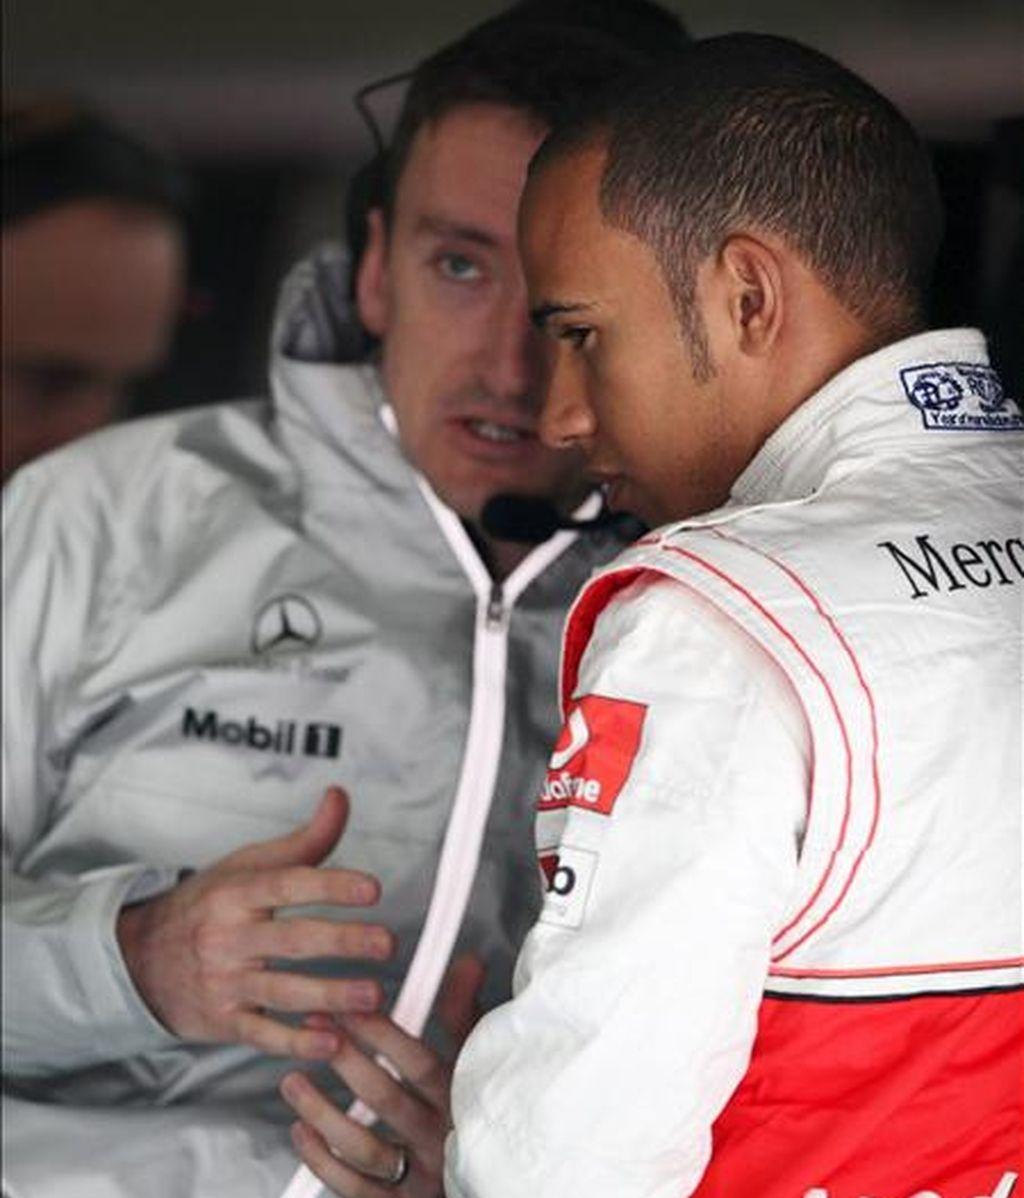 El piloto británica de Fórmula Uno Lewis Hamilton, de la escudería McLaren Mercedes, durante la jornada de entrenamientos libres celebrada en el circuito internacional de Shanghái (China). El Gran Premio de China de Fórmula Uno se disputará el próximo domingo. EFE